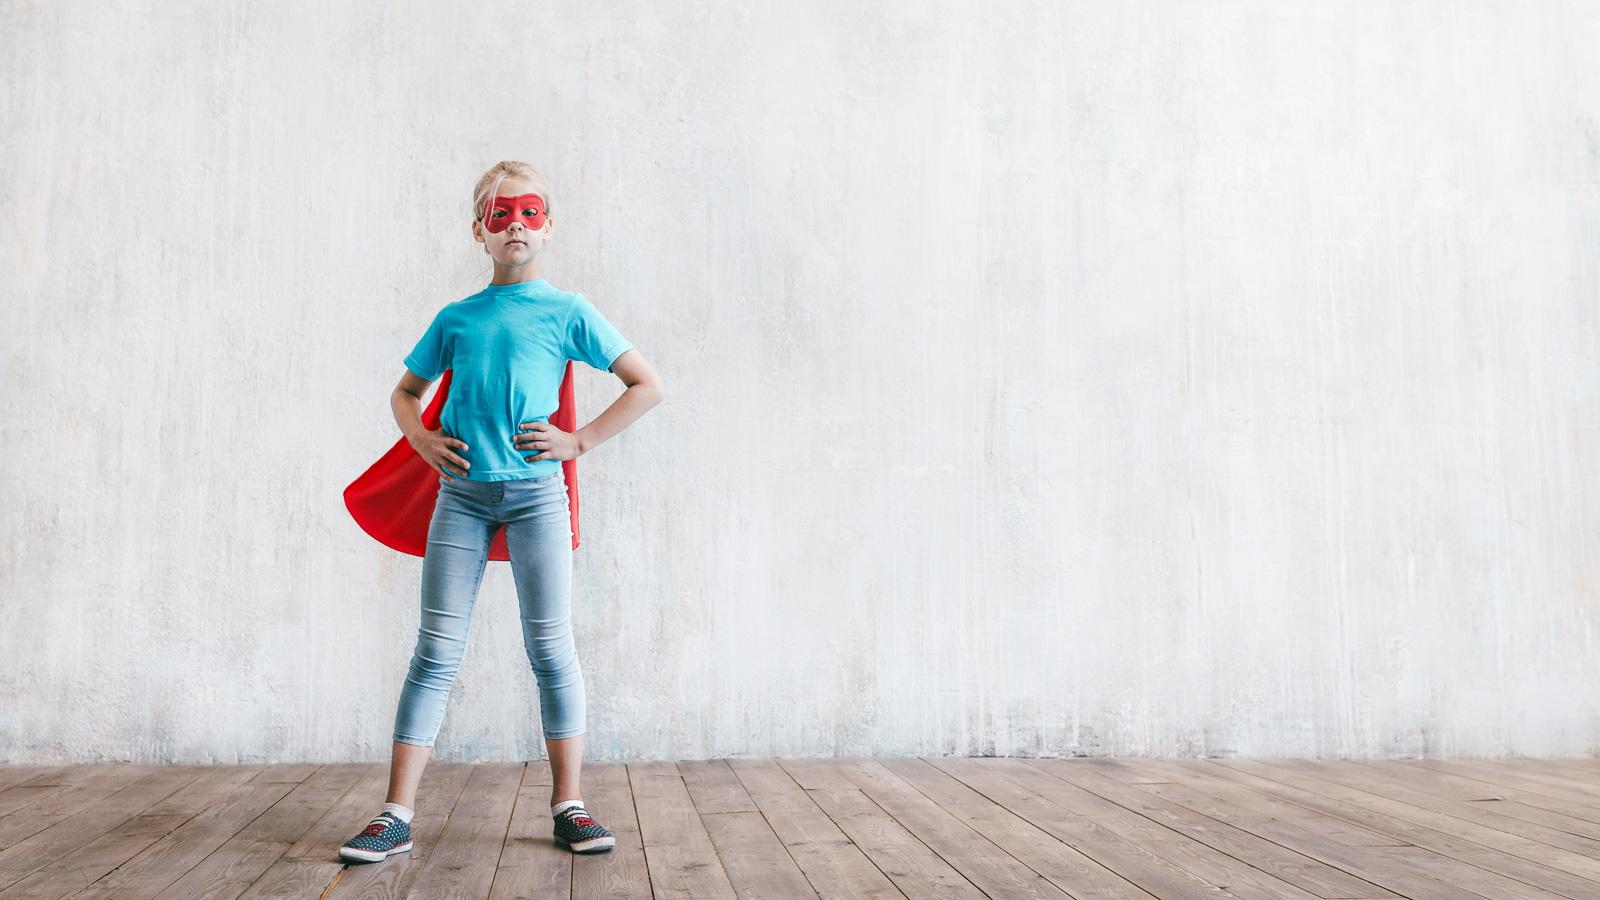 Branże notujące wzrost sprzedaży w czasie pandemii Finanse mediarun superwoman champion 2020